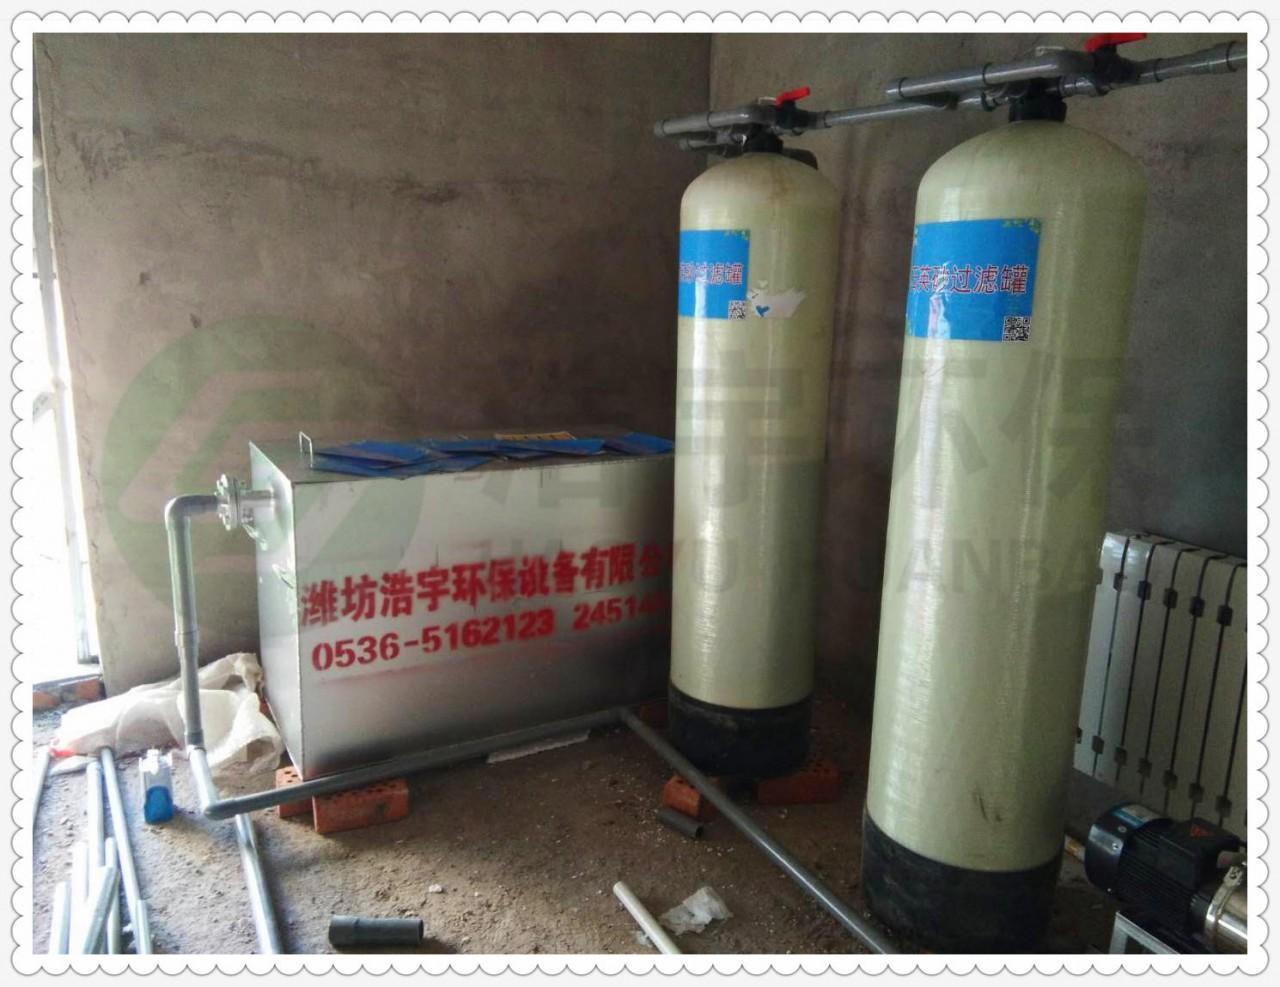 鄂州实验室污水处理设备世界杯